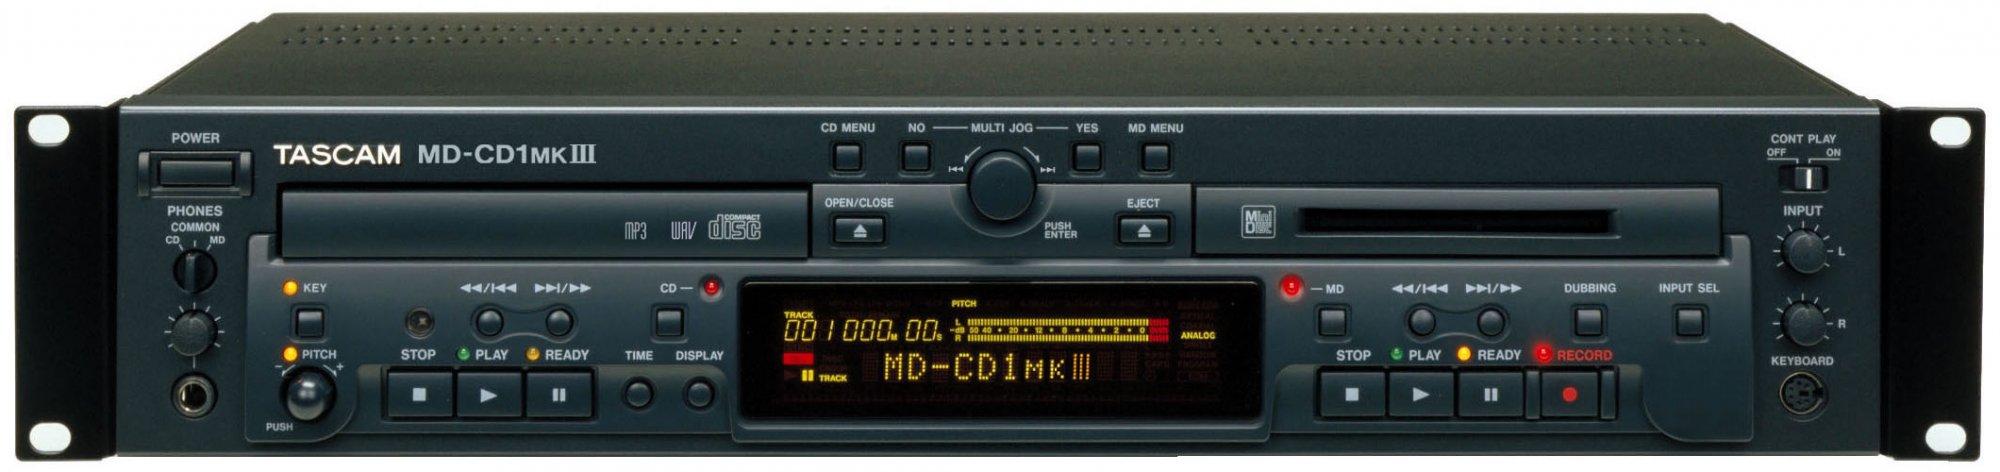 TASCAM MD-CD1 MKIII